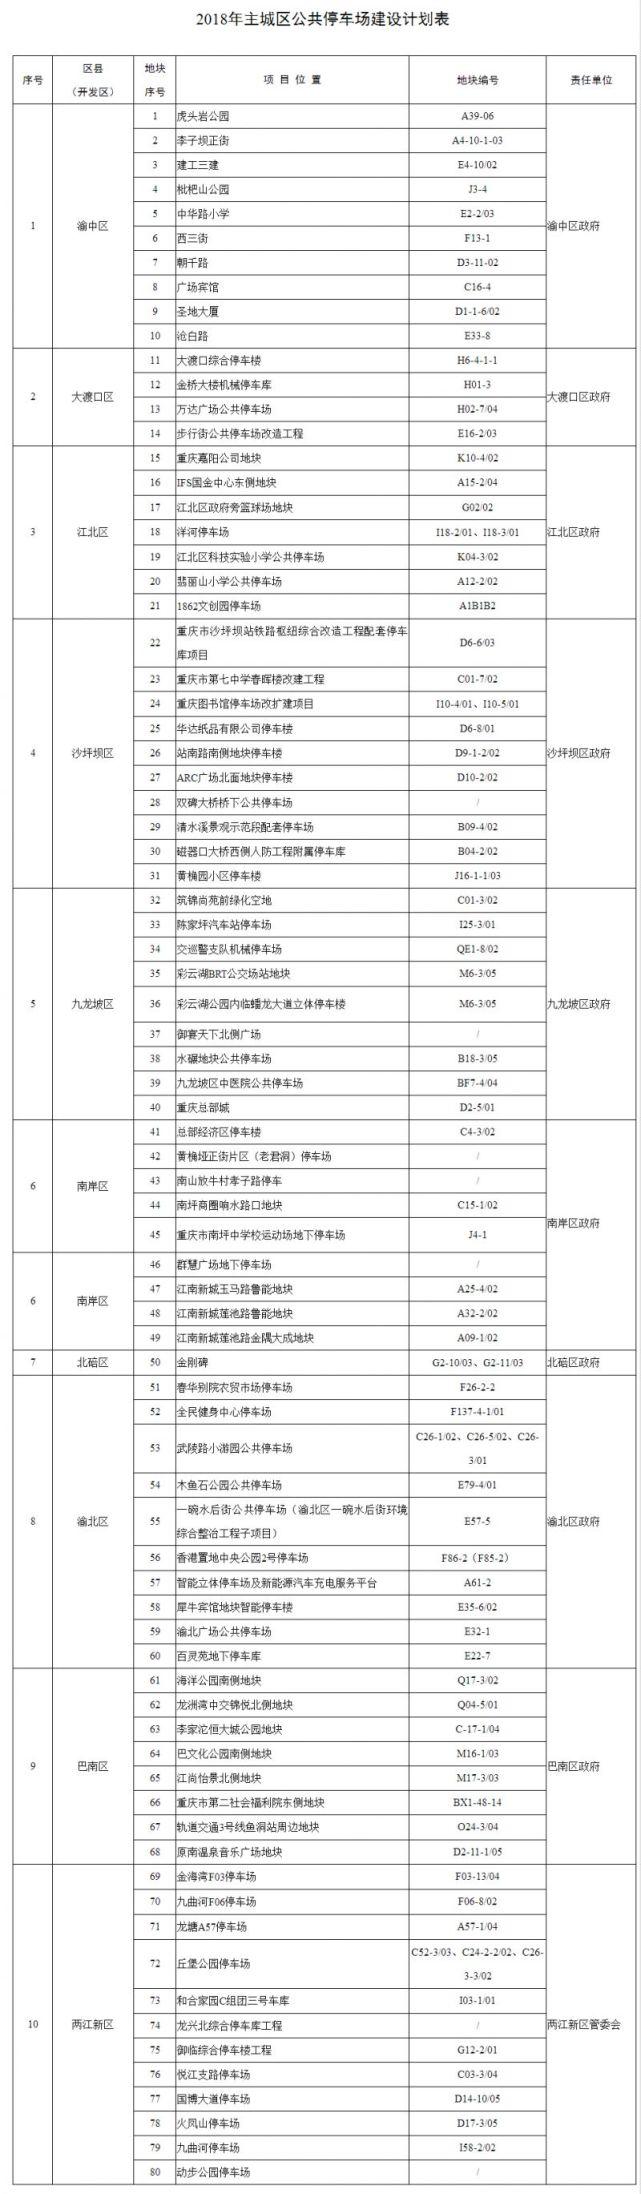 重庆开发智慧停车系统及泊位智能化改造